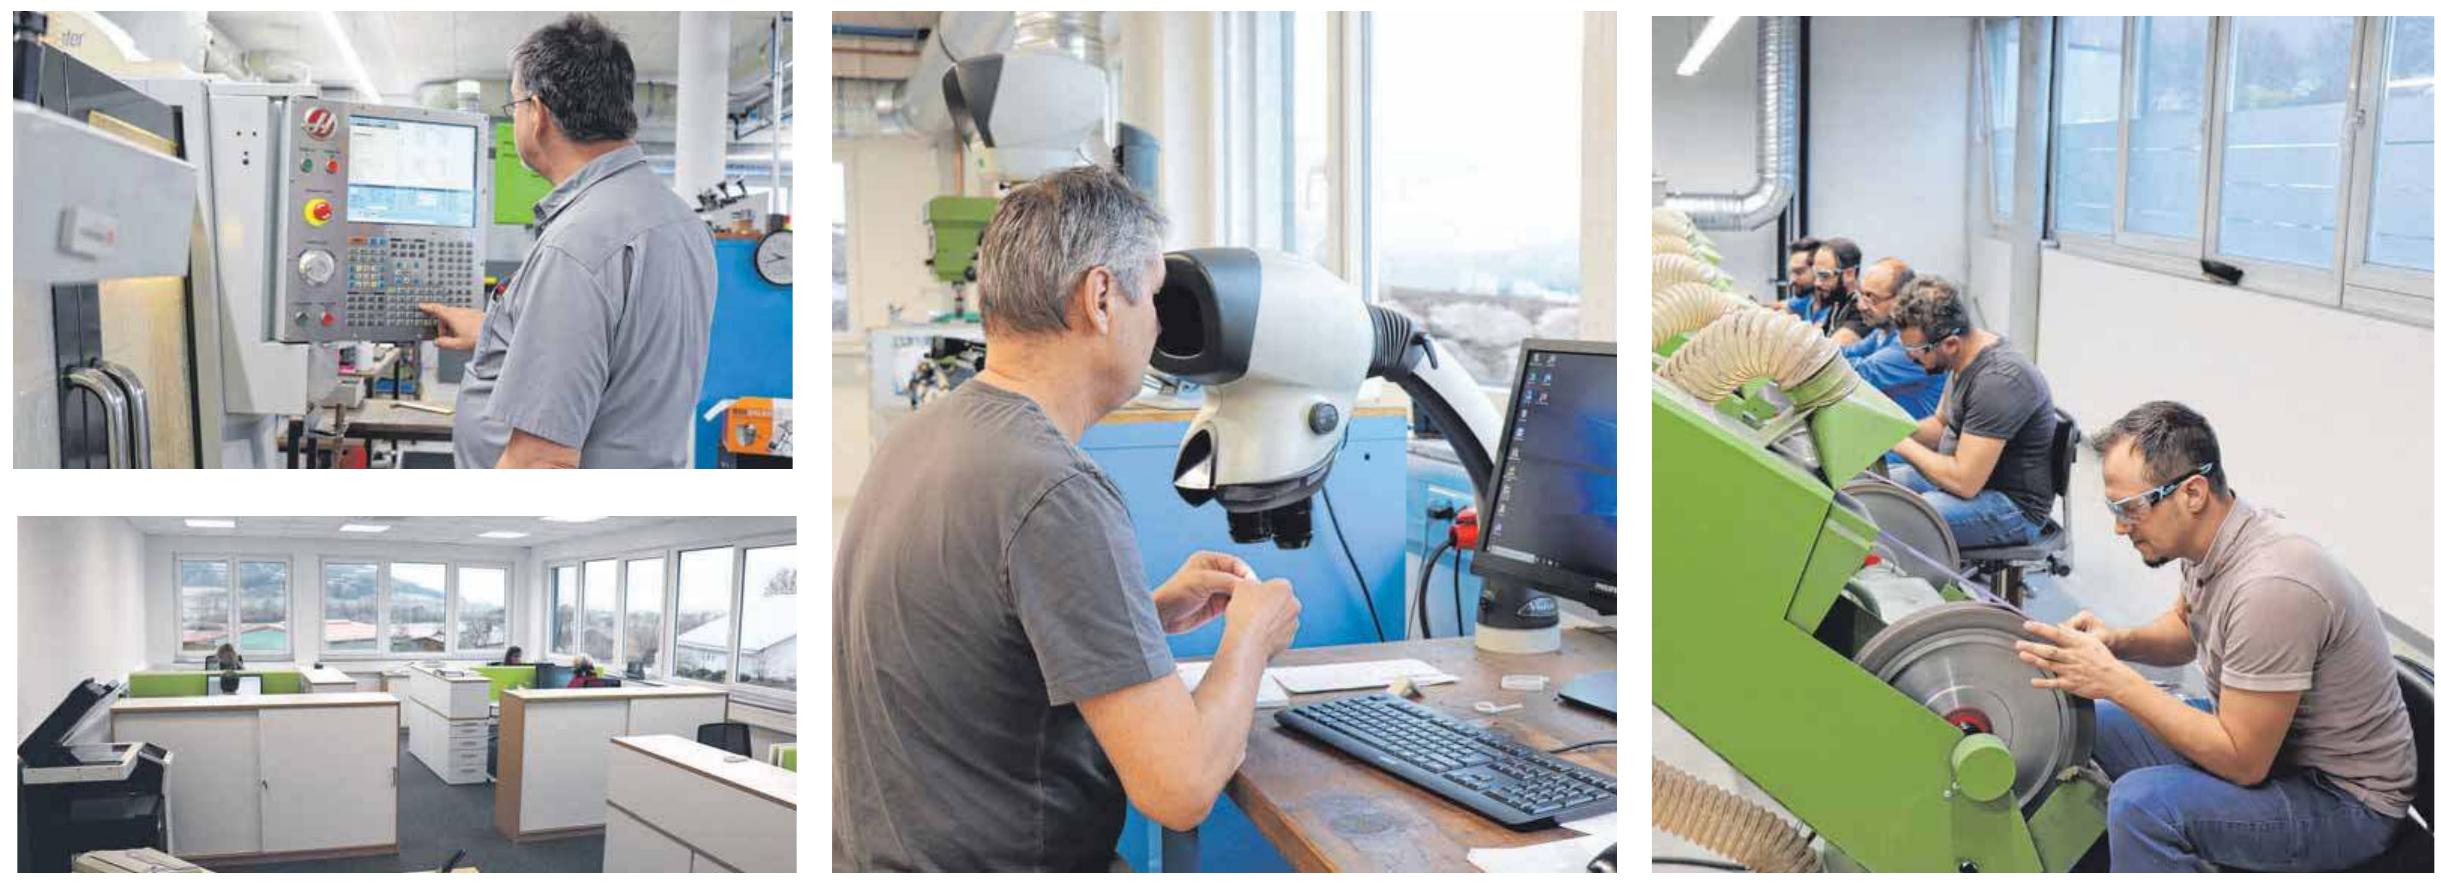 Hochmoderne Arbeitsplätze bietet Rebstock seinen Mitarbeiterinnen und Mitarbeitern - sowohl in der Produktion als auch in der Verwaltung.